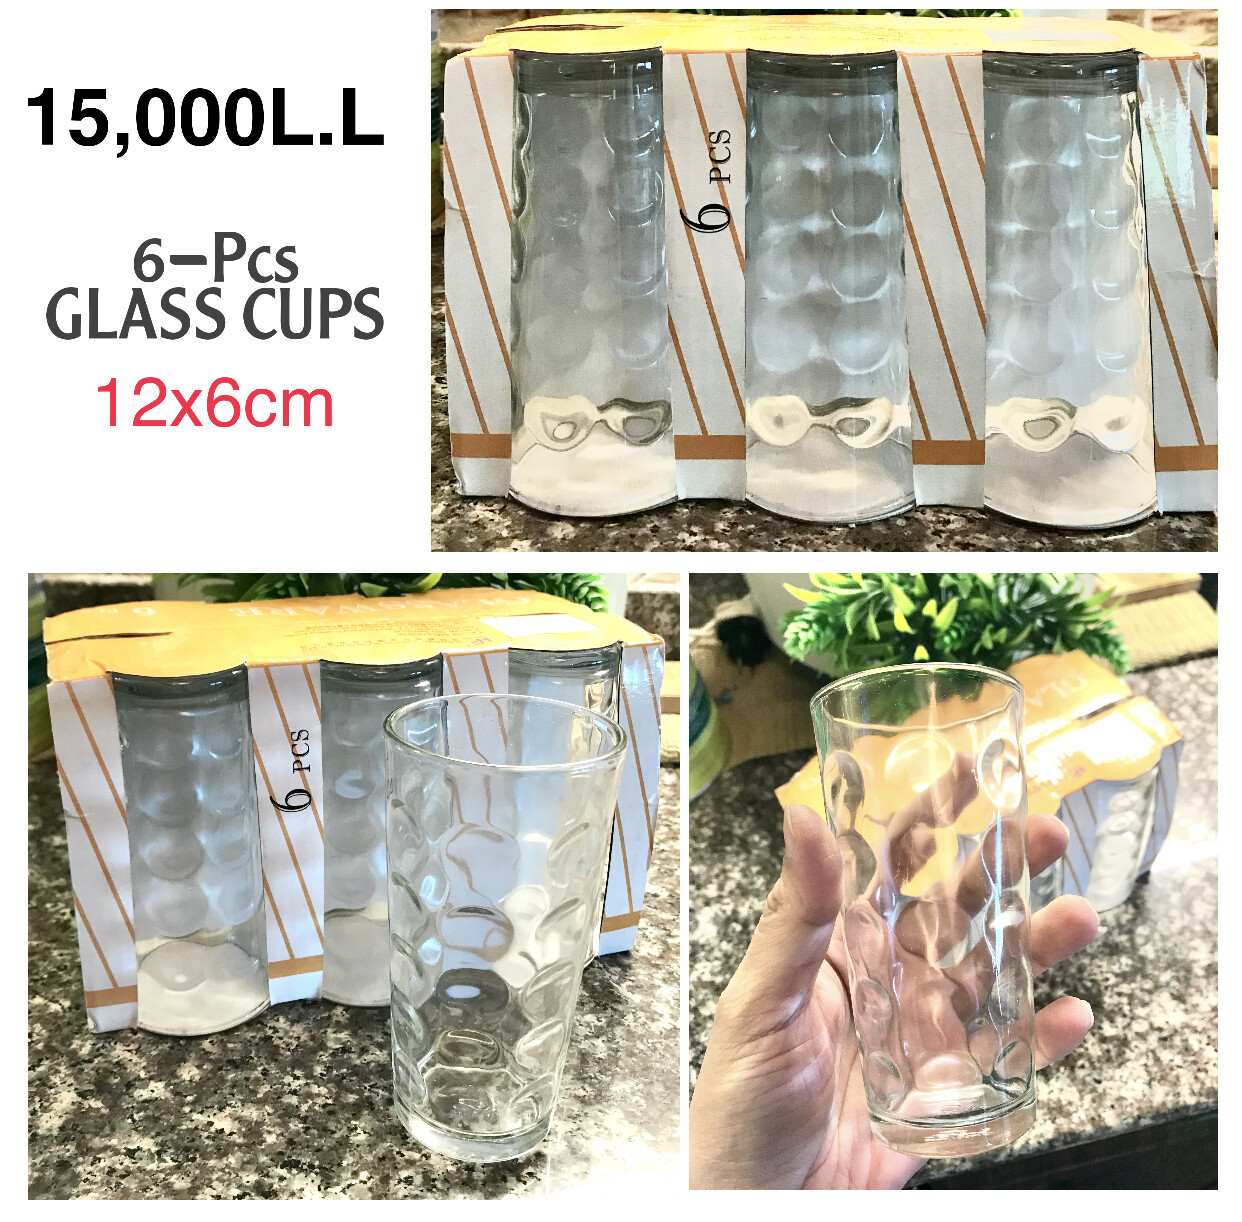 6-Pcs Glass Cups